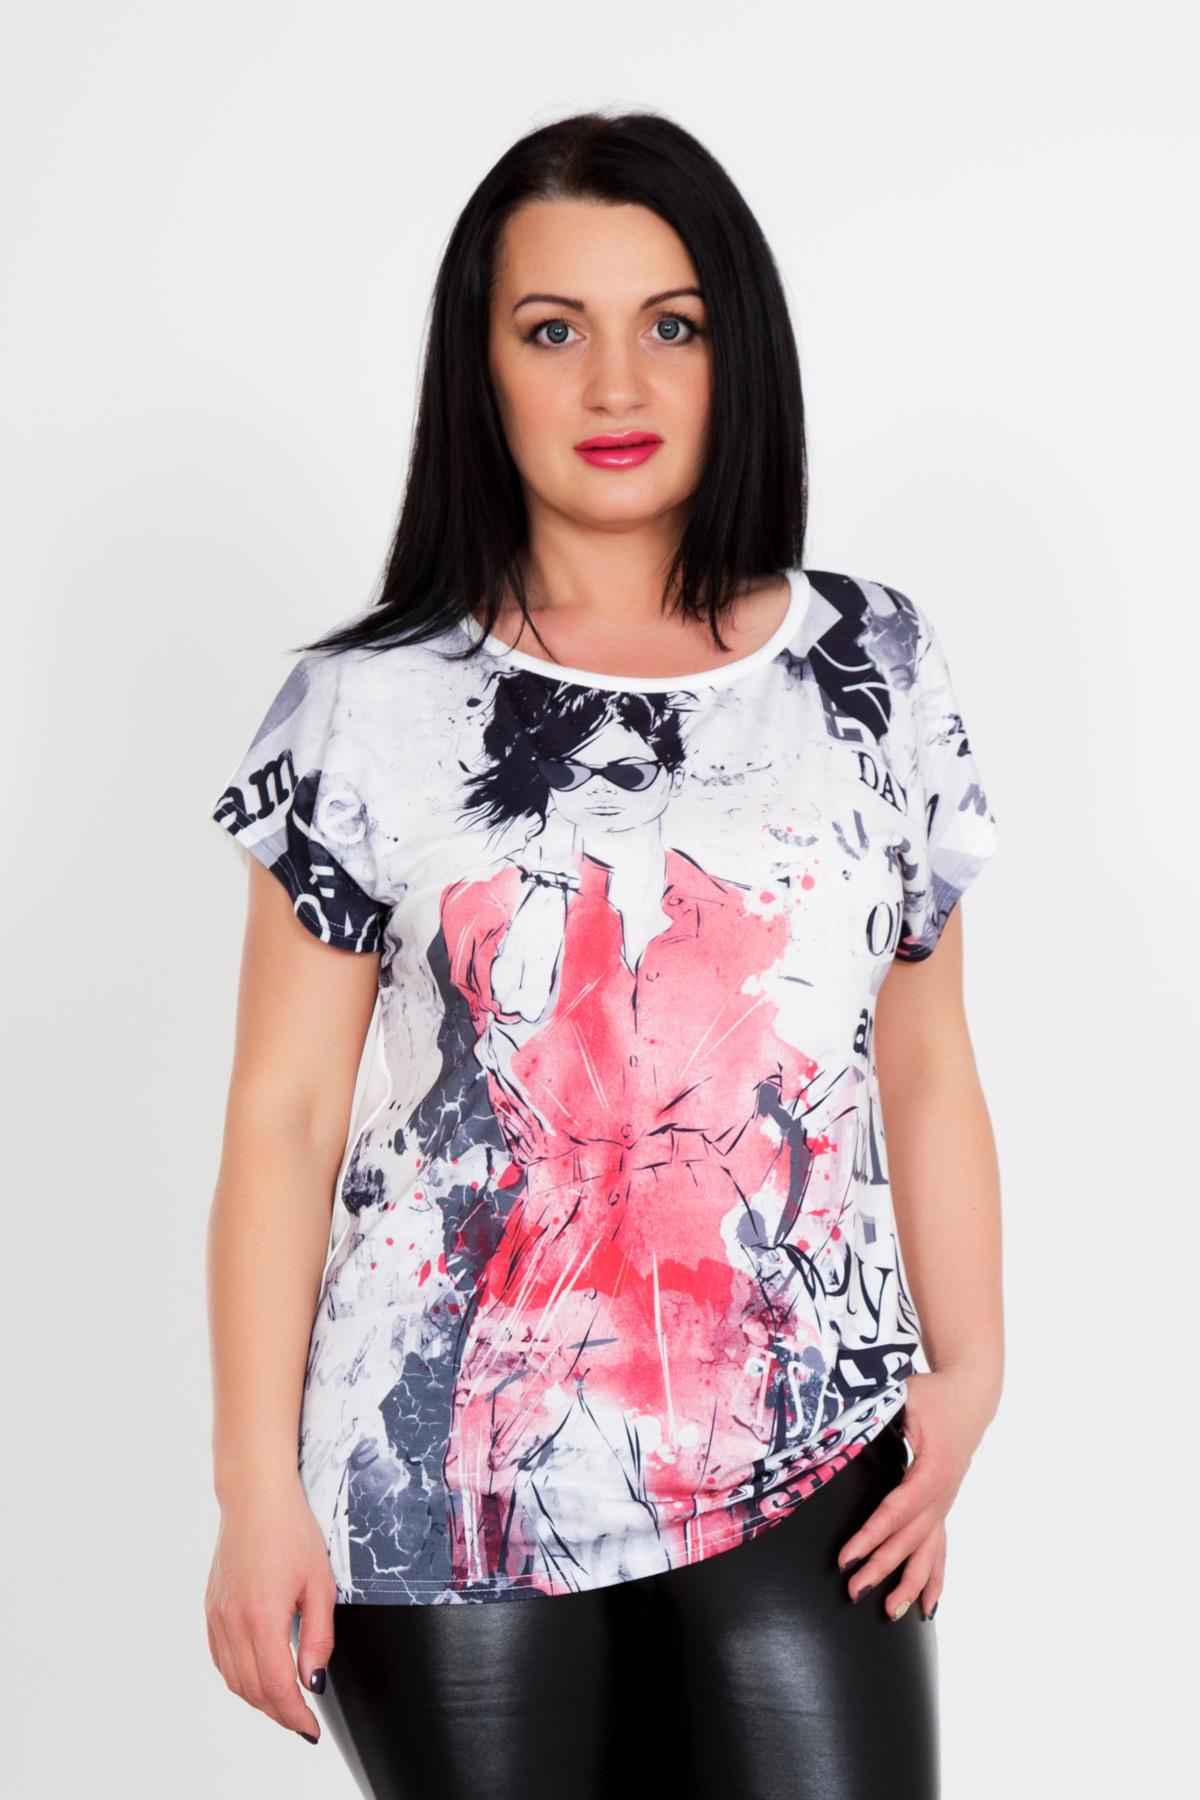 Жен. футболка Тори р. 44Распродажа женской одежды<br>Обхват груди: 88 см <br>Обхват талии: 68 см <br>Обхват бедер: 96 см <br>Длина по спинке: 60 см <br>Рост: 167 см<br><br>Тип: Жен. футболка<br>Размер: 44<br>Материал: Вискоза